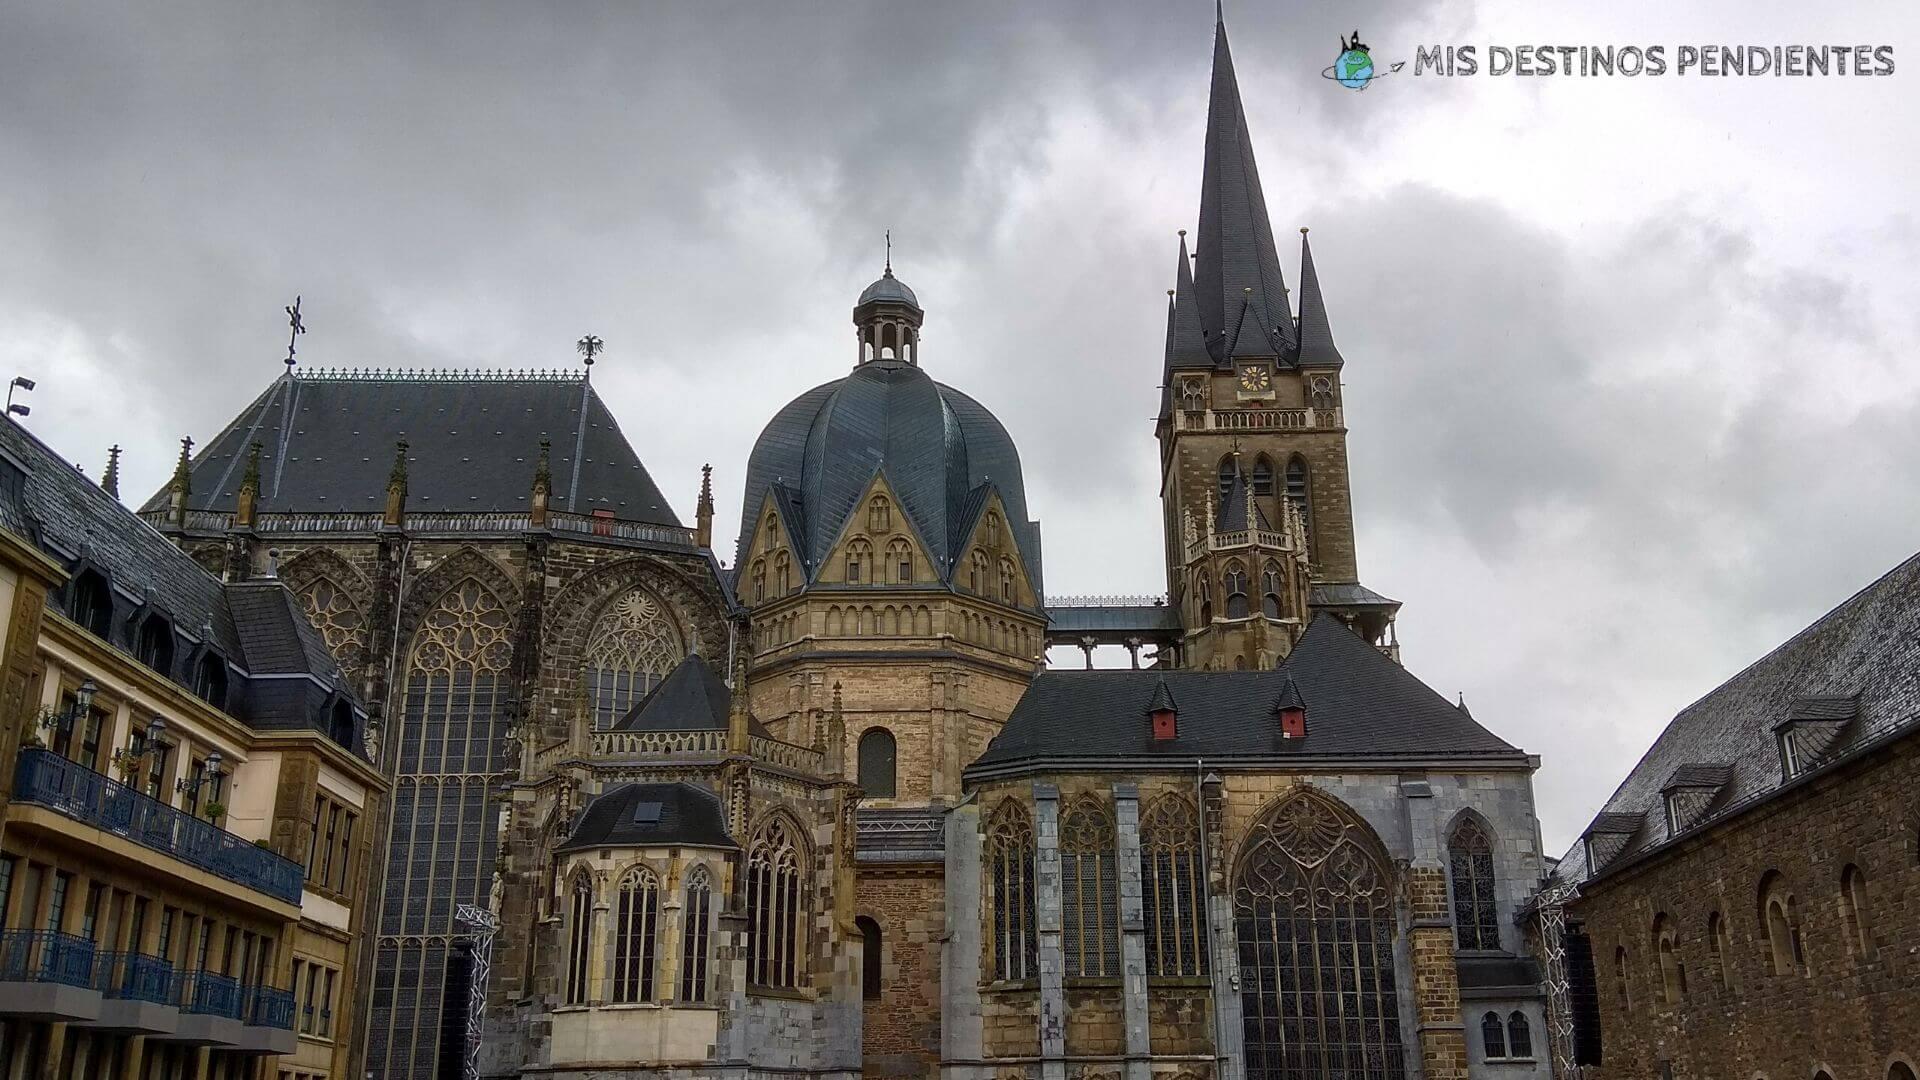 Aquisgrán (Aachen): Qué ver en la capital de Carlomagno